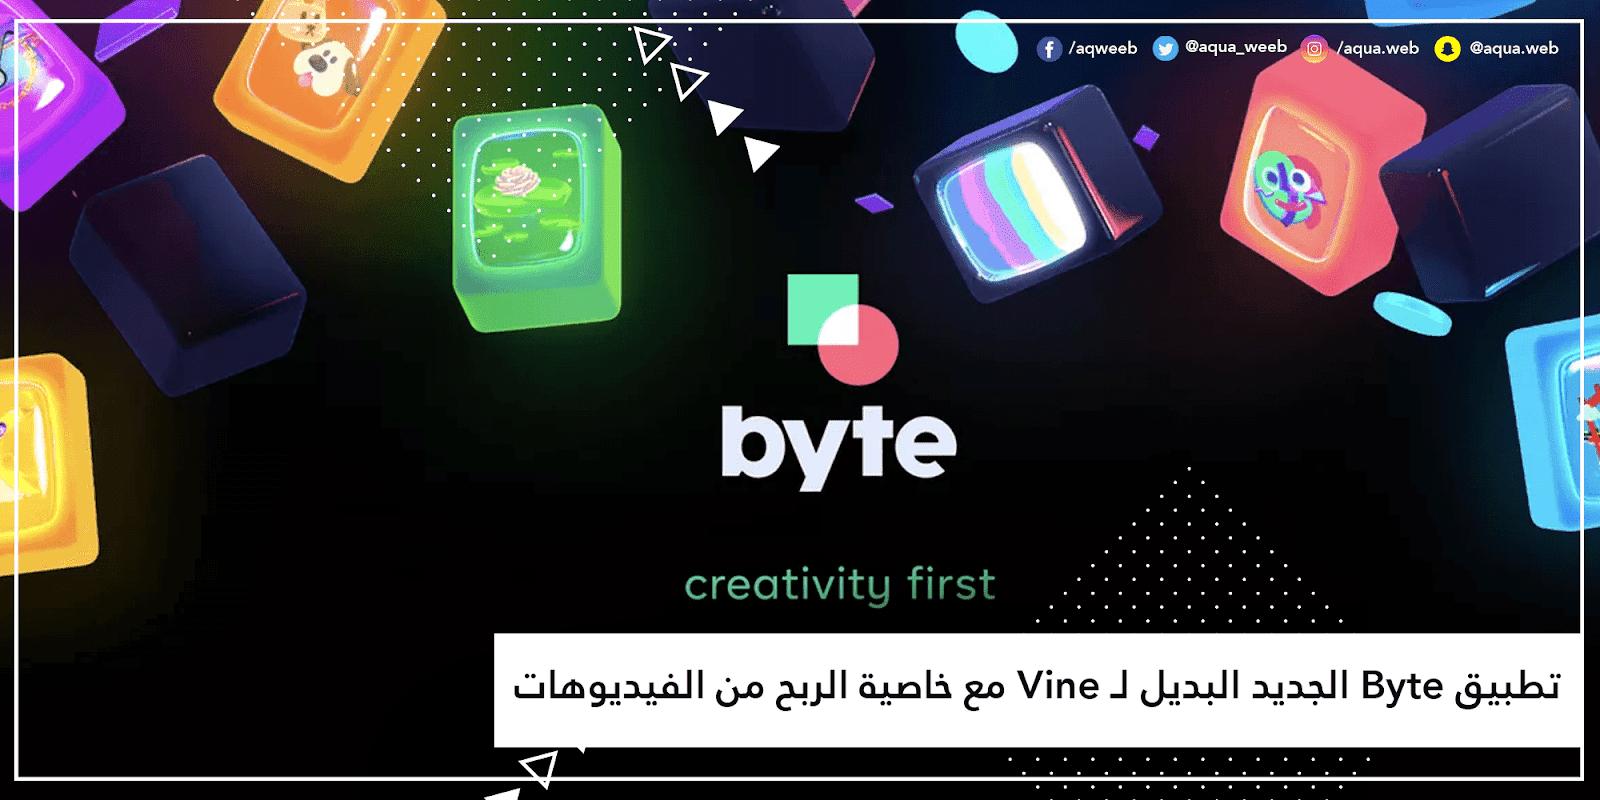 تطبيق Byte الجديد البديل لـ Vine مع خاصية الربح من الفيديوهات